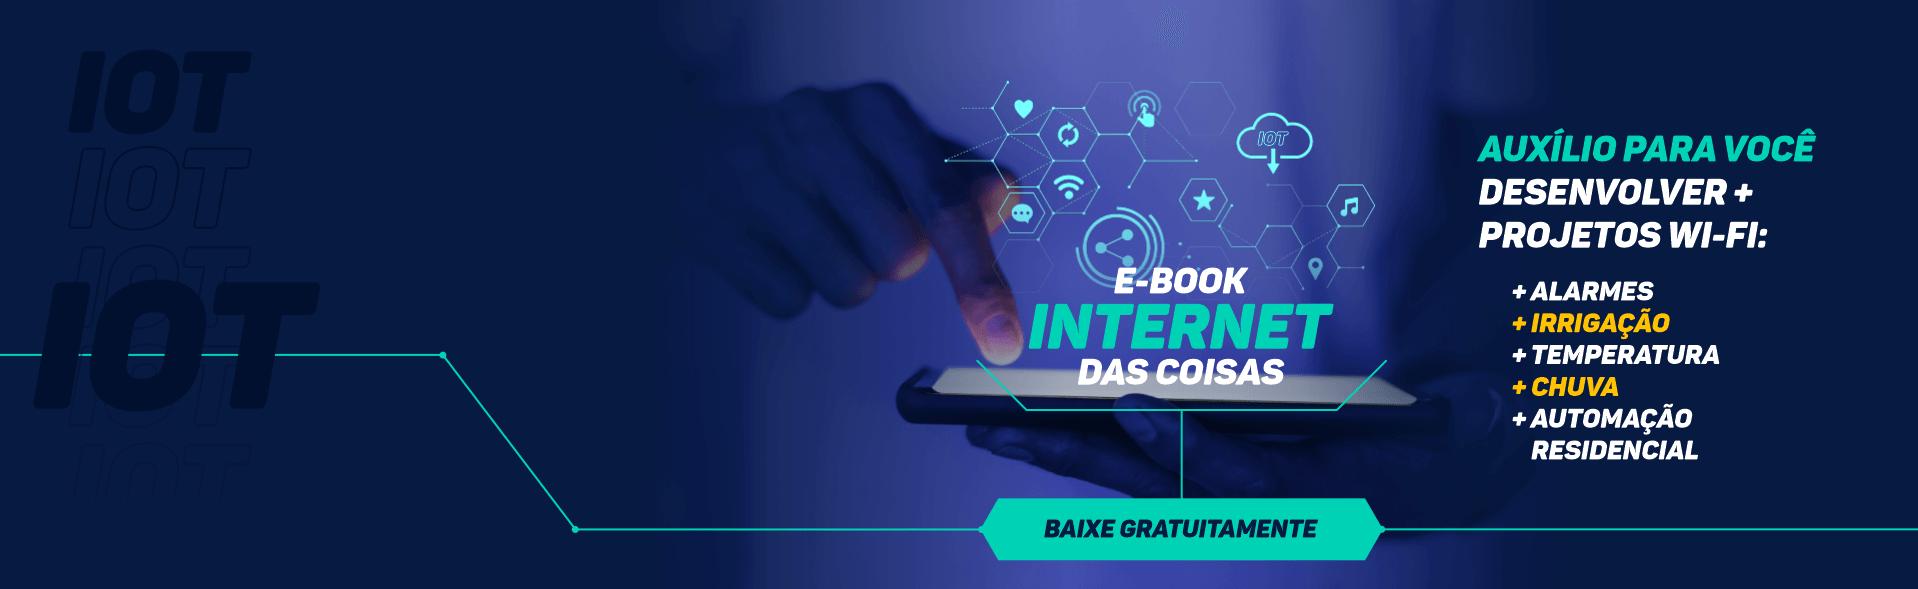 E-Book IoT